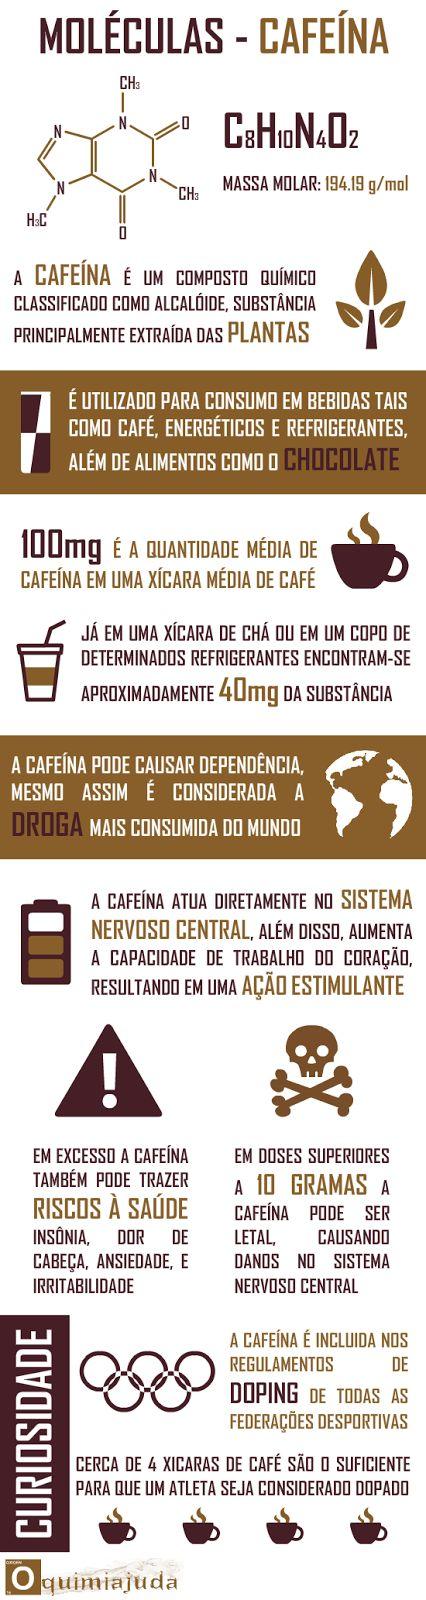 Infográfico sobre uma das moléculas mais comuns e populares no nosso dia a dia a cafeína